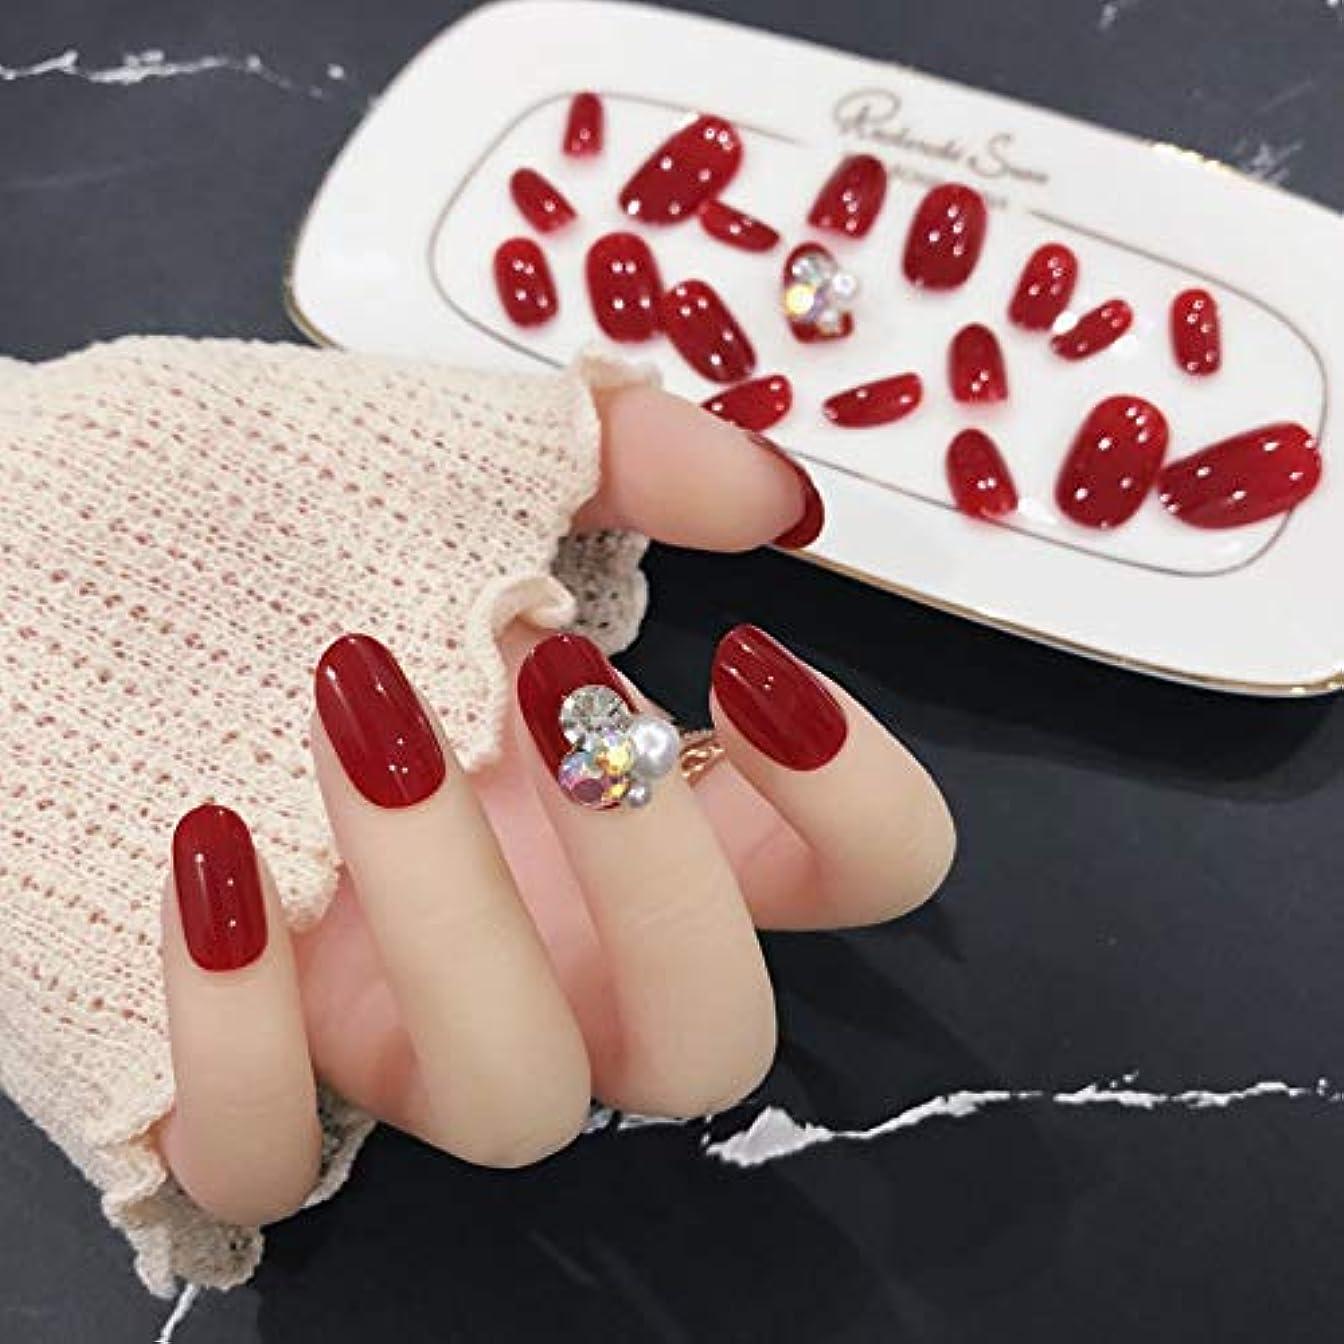 その間エレガント灌漑24枚純色付け爪 合成ダイヤモンド、パール装飾 ネイル貼るだけネイルチップ お花嫁付け爪